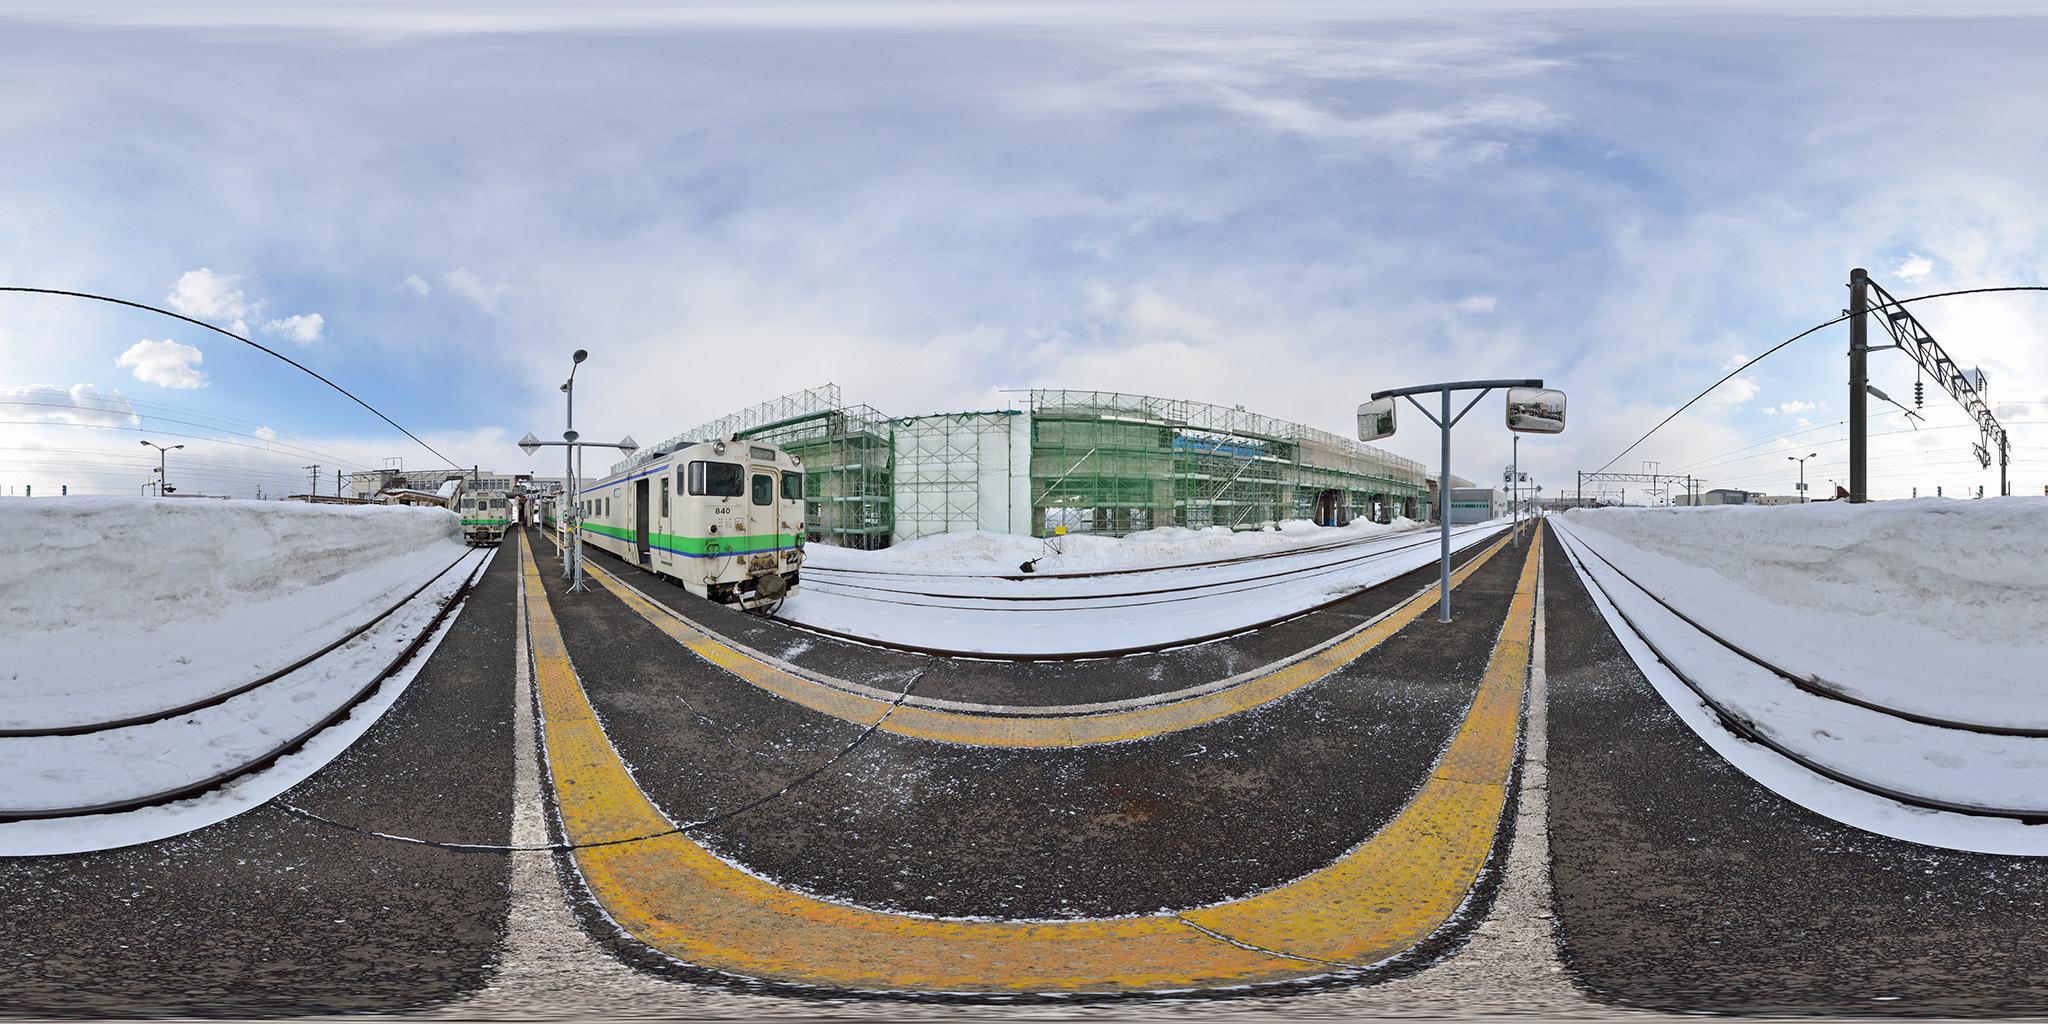 朝の列車交換。江差行き(120D)と函館行き(121D)